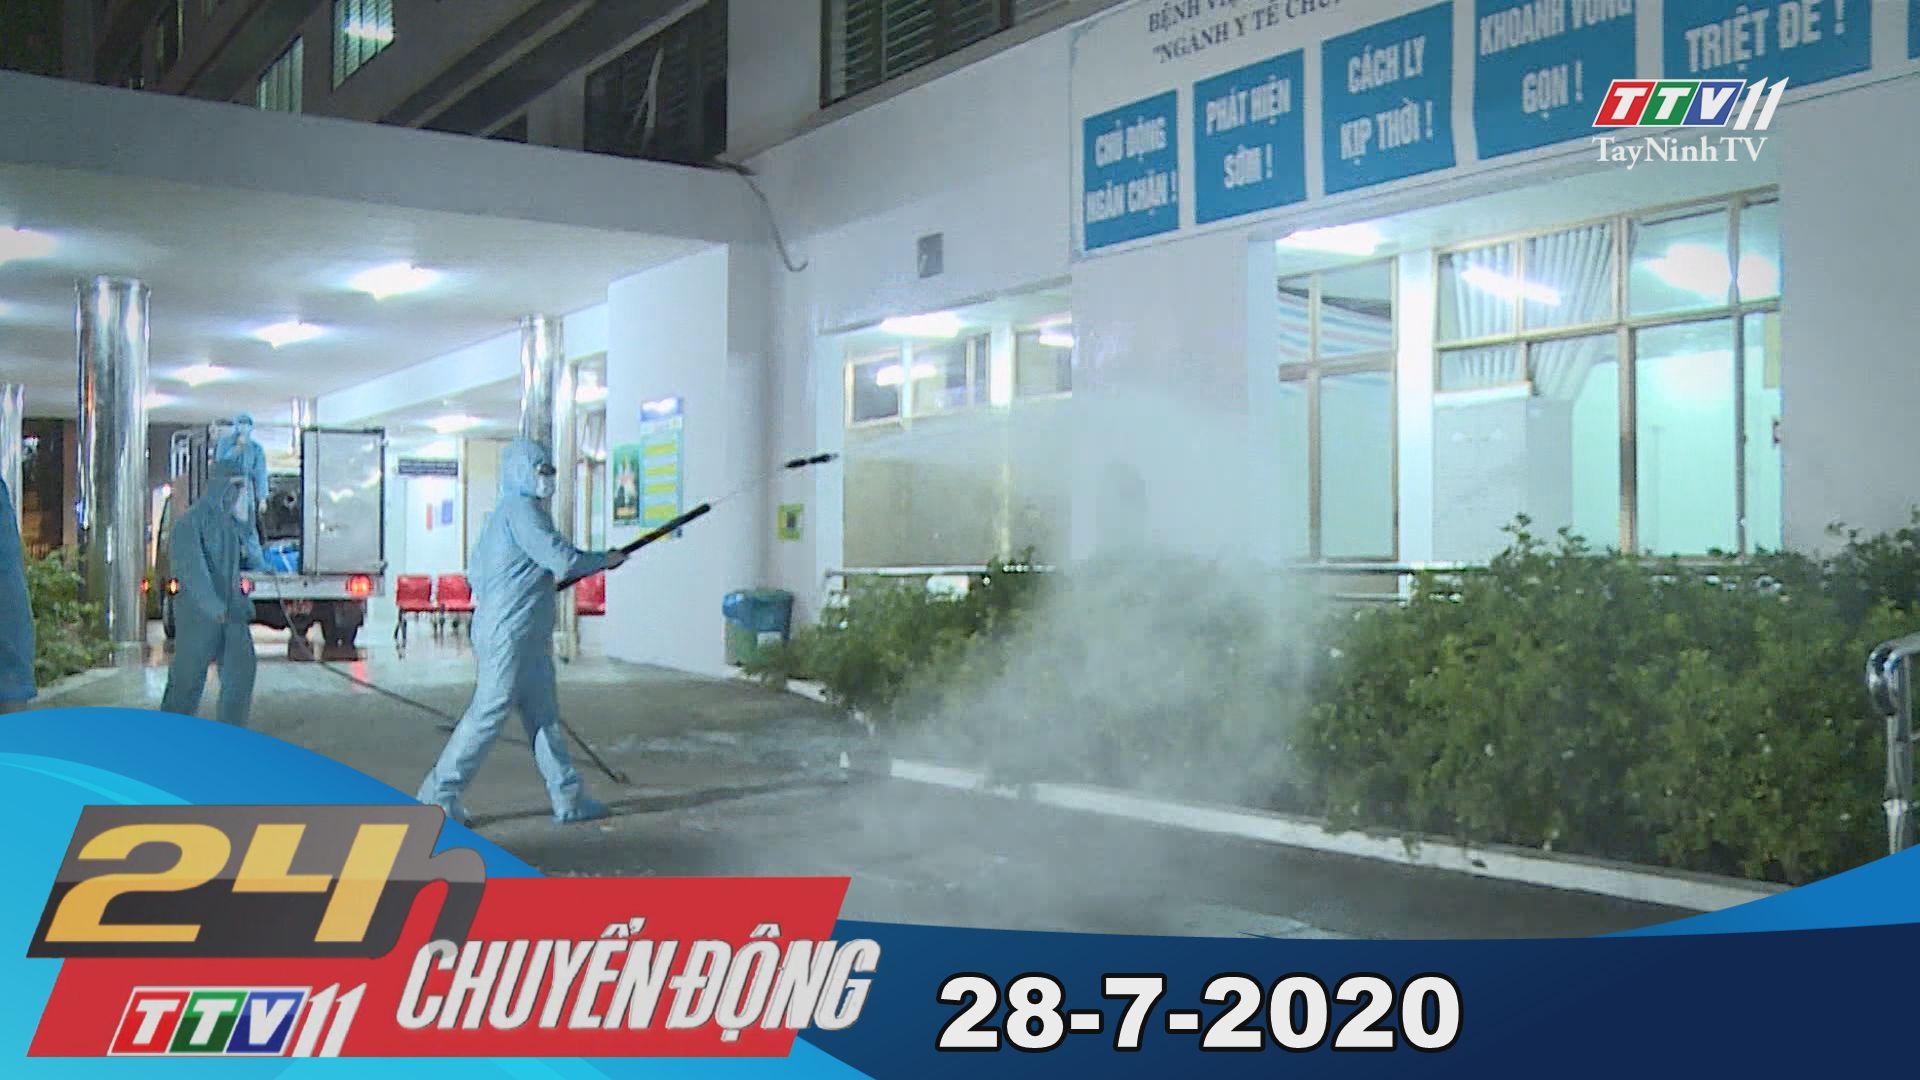 24h Chuyển động 28-7-2020 | Tin tức hôm nay | TayNinhTV